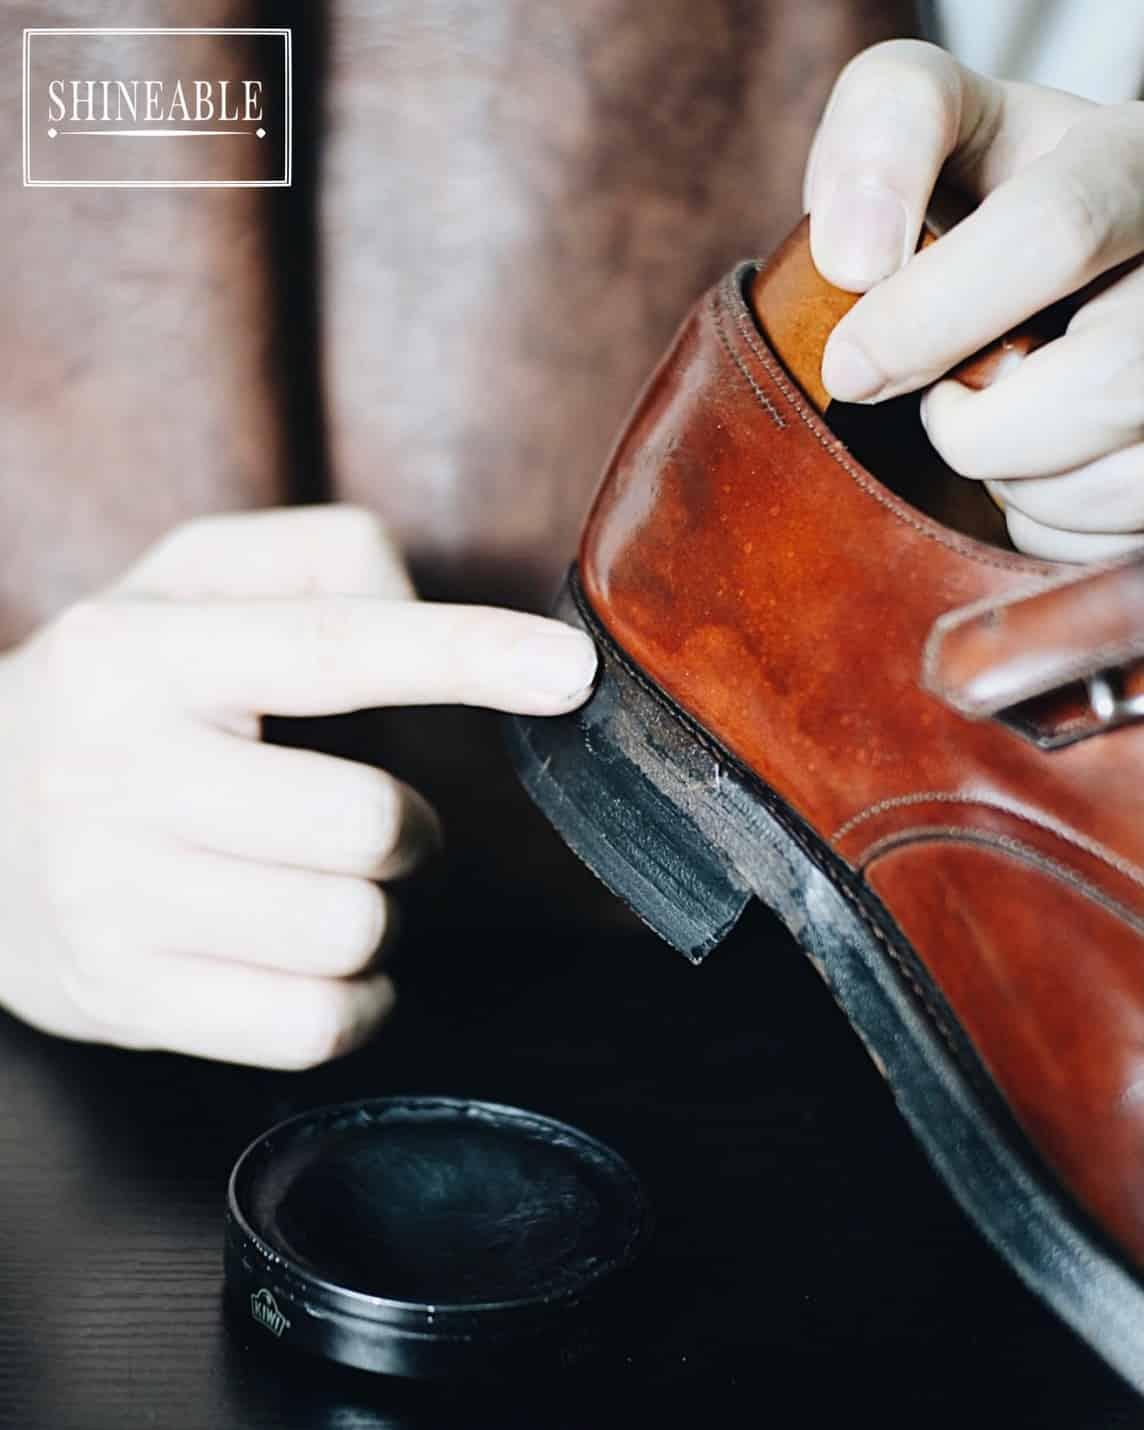 ขัดขอบรองเท้าให้สีสวยและเงาเหมือนใหม่ (Sole and Heel Edge Repair)